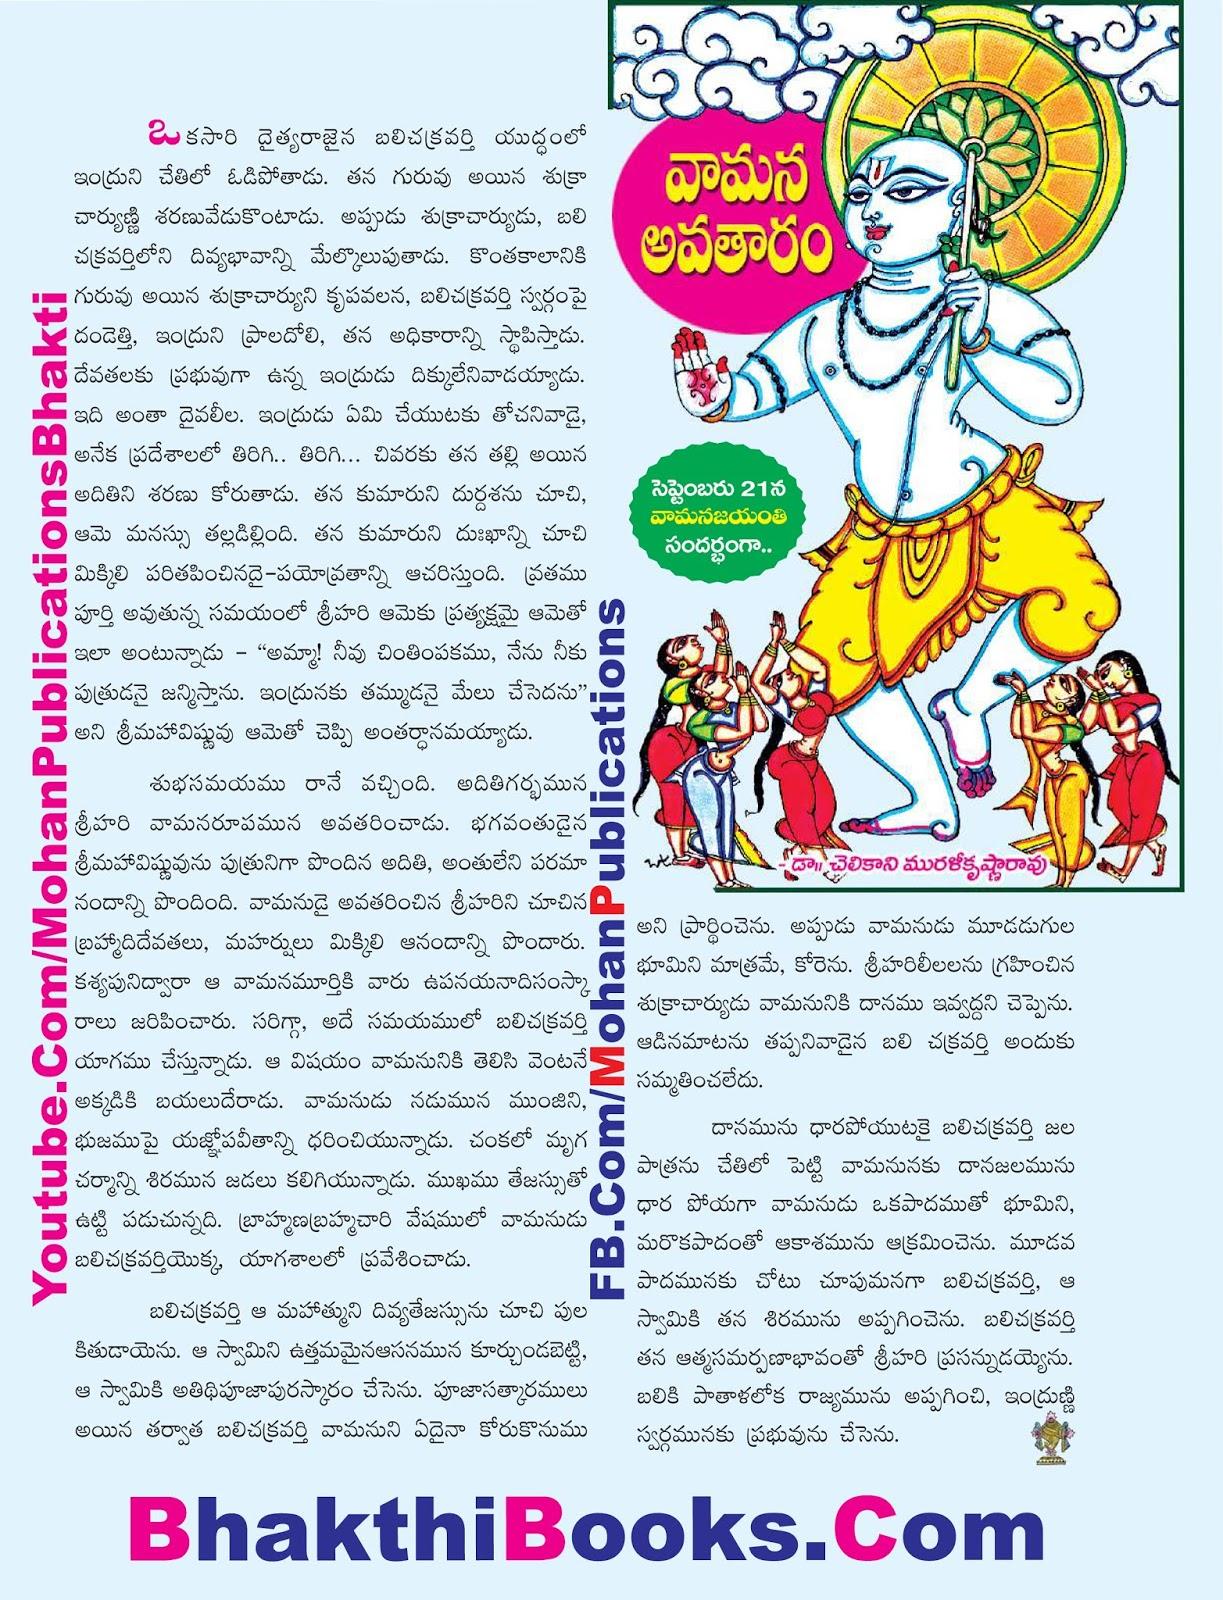 వామన జయంతి | Vamana Jayanti | Mohanpublications | BhakthiBooks | BhaktiBooks | Bhakthi Books | Bhakti Books | Bhakti Pustakalu | Granthanidhi | vamana jayanti 2018 vamana jayanti 2019 vamana jayanti 2018 date vaman jayanti 2018 vamana avatar images vamana mother vamana avatar story vamana meaning